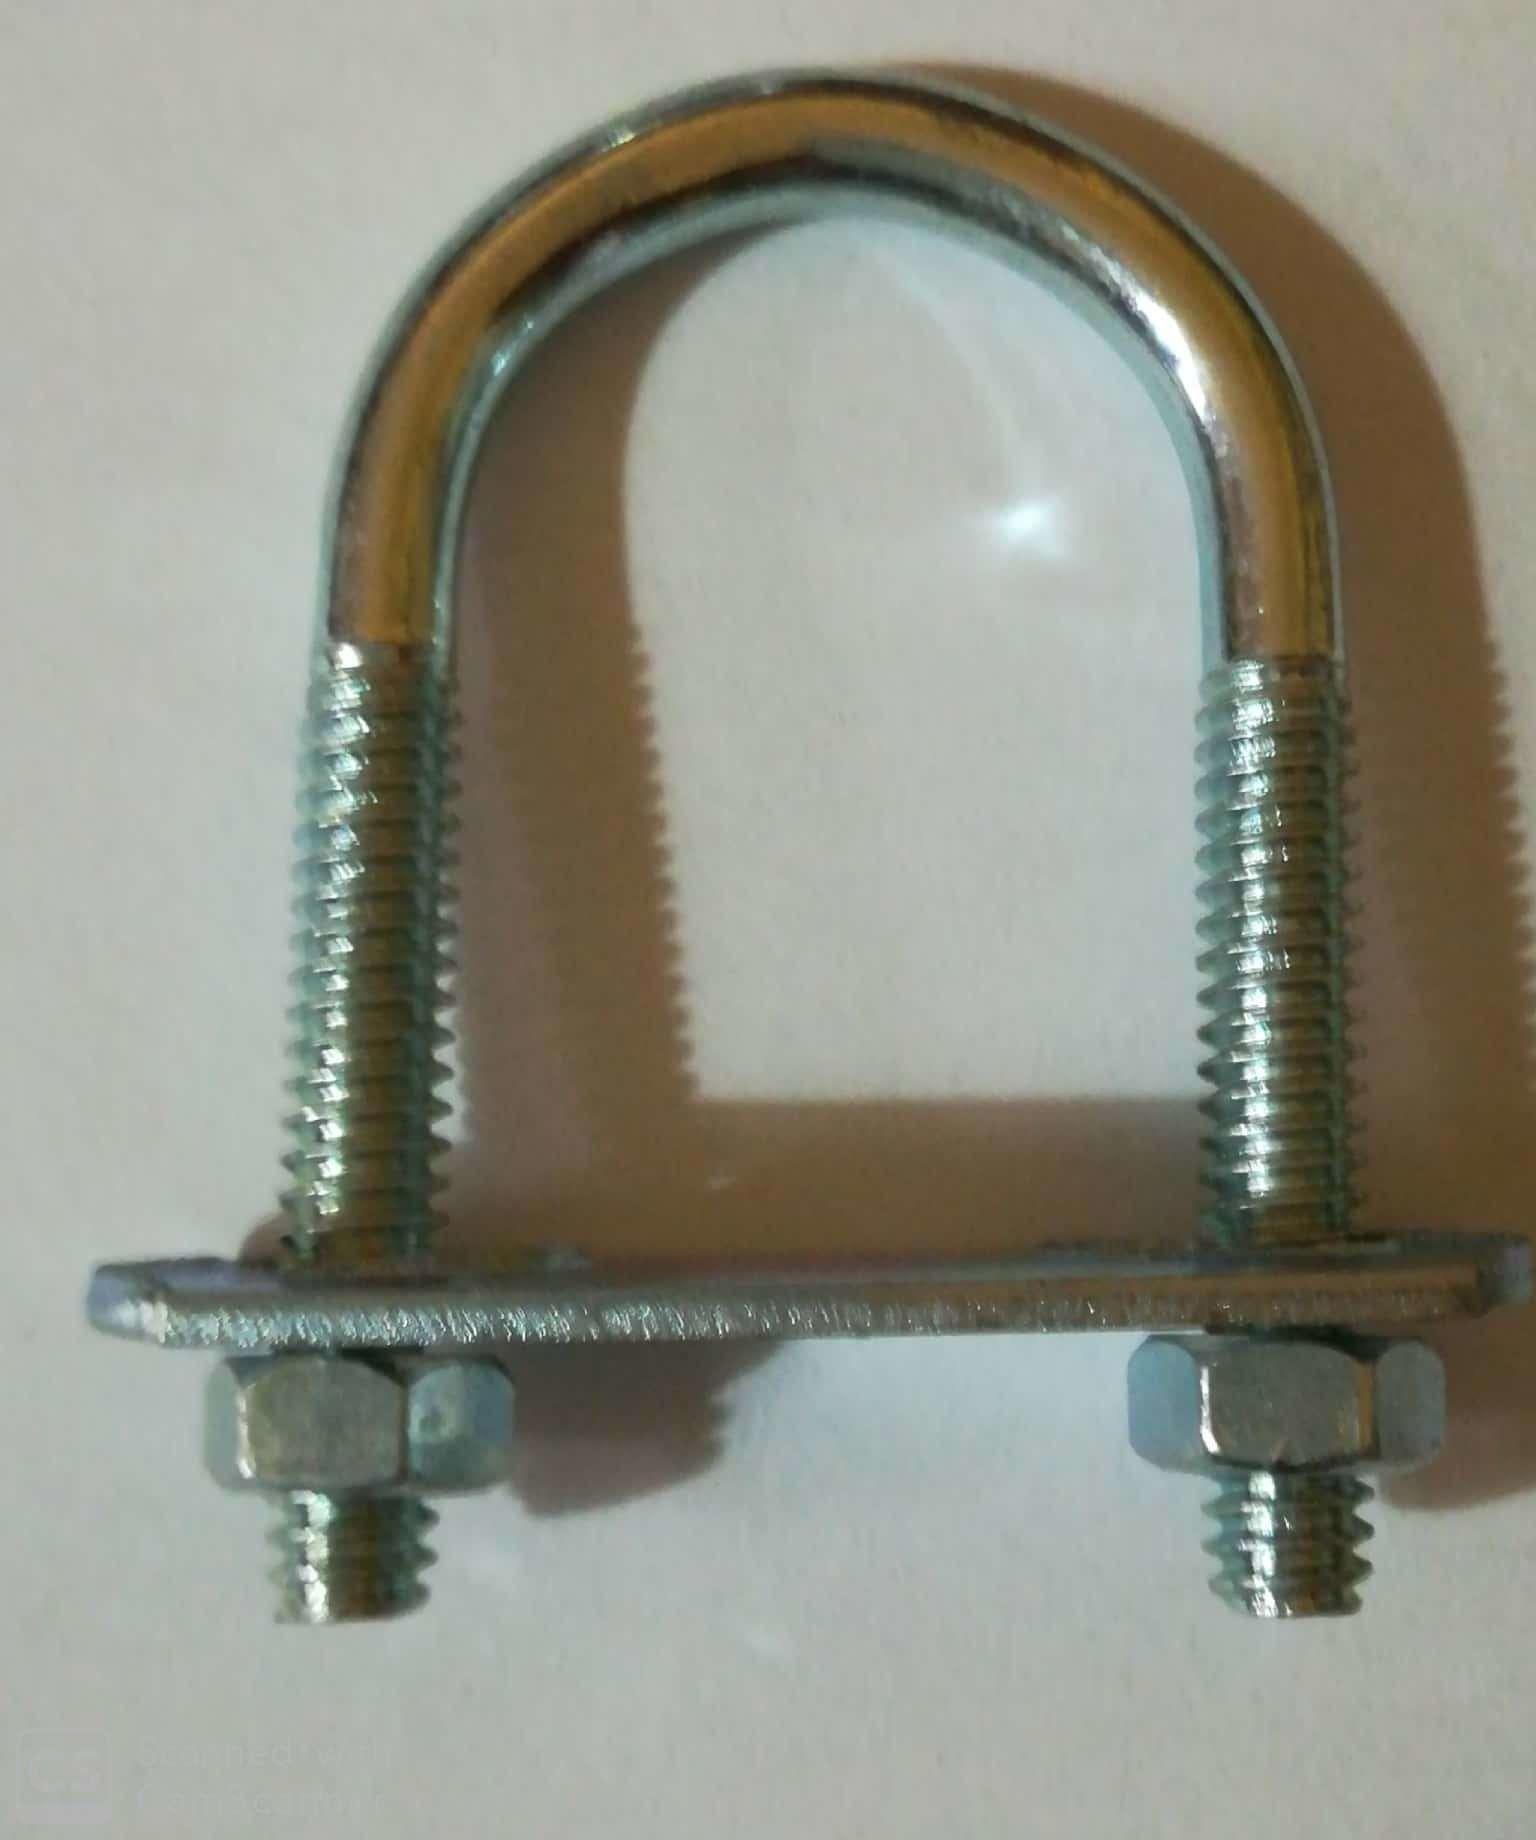 Cavallotto tondo mm 5,4 x 51 con piastra e dadi in ferro zincato